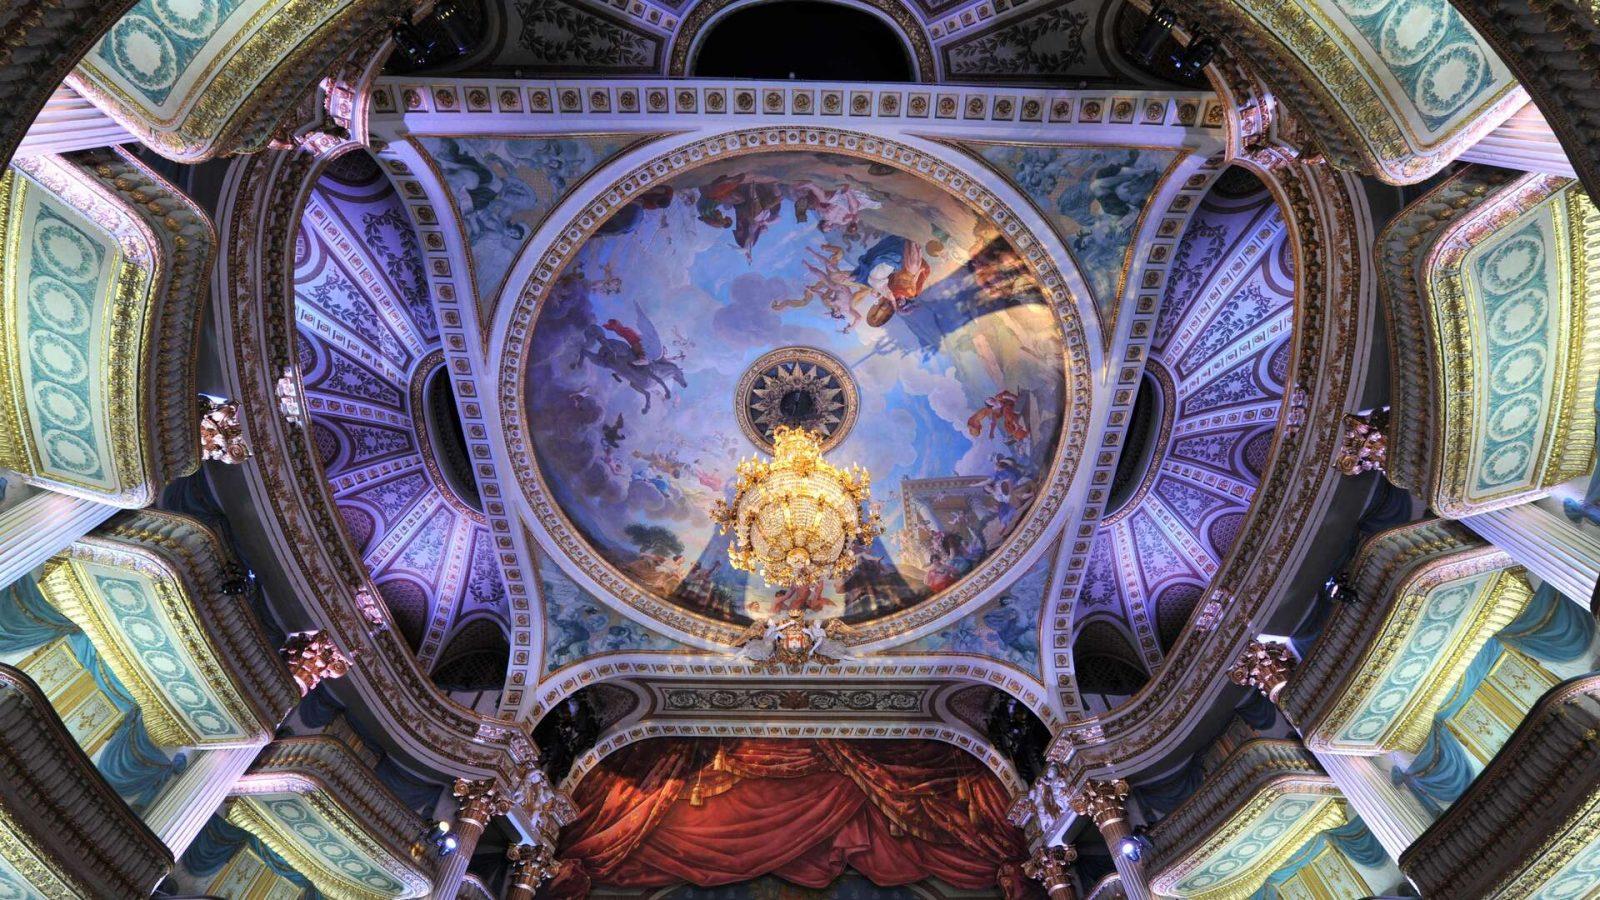 Plafond de la salle de spectacle du Grand-Théâtre